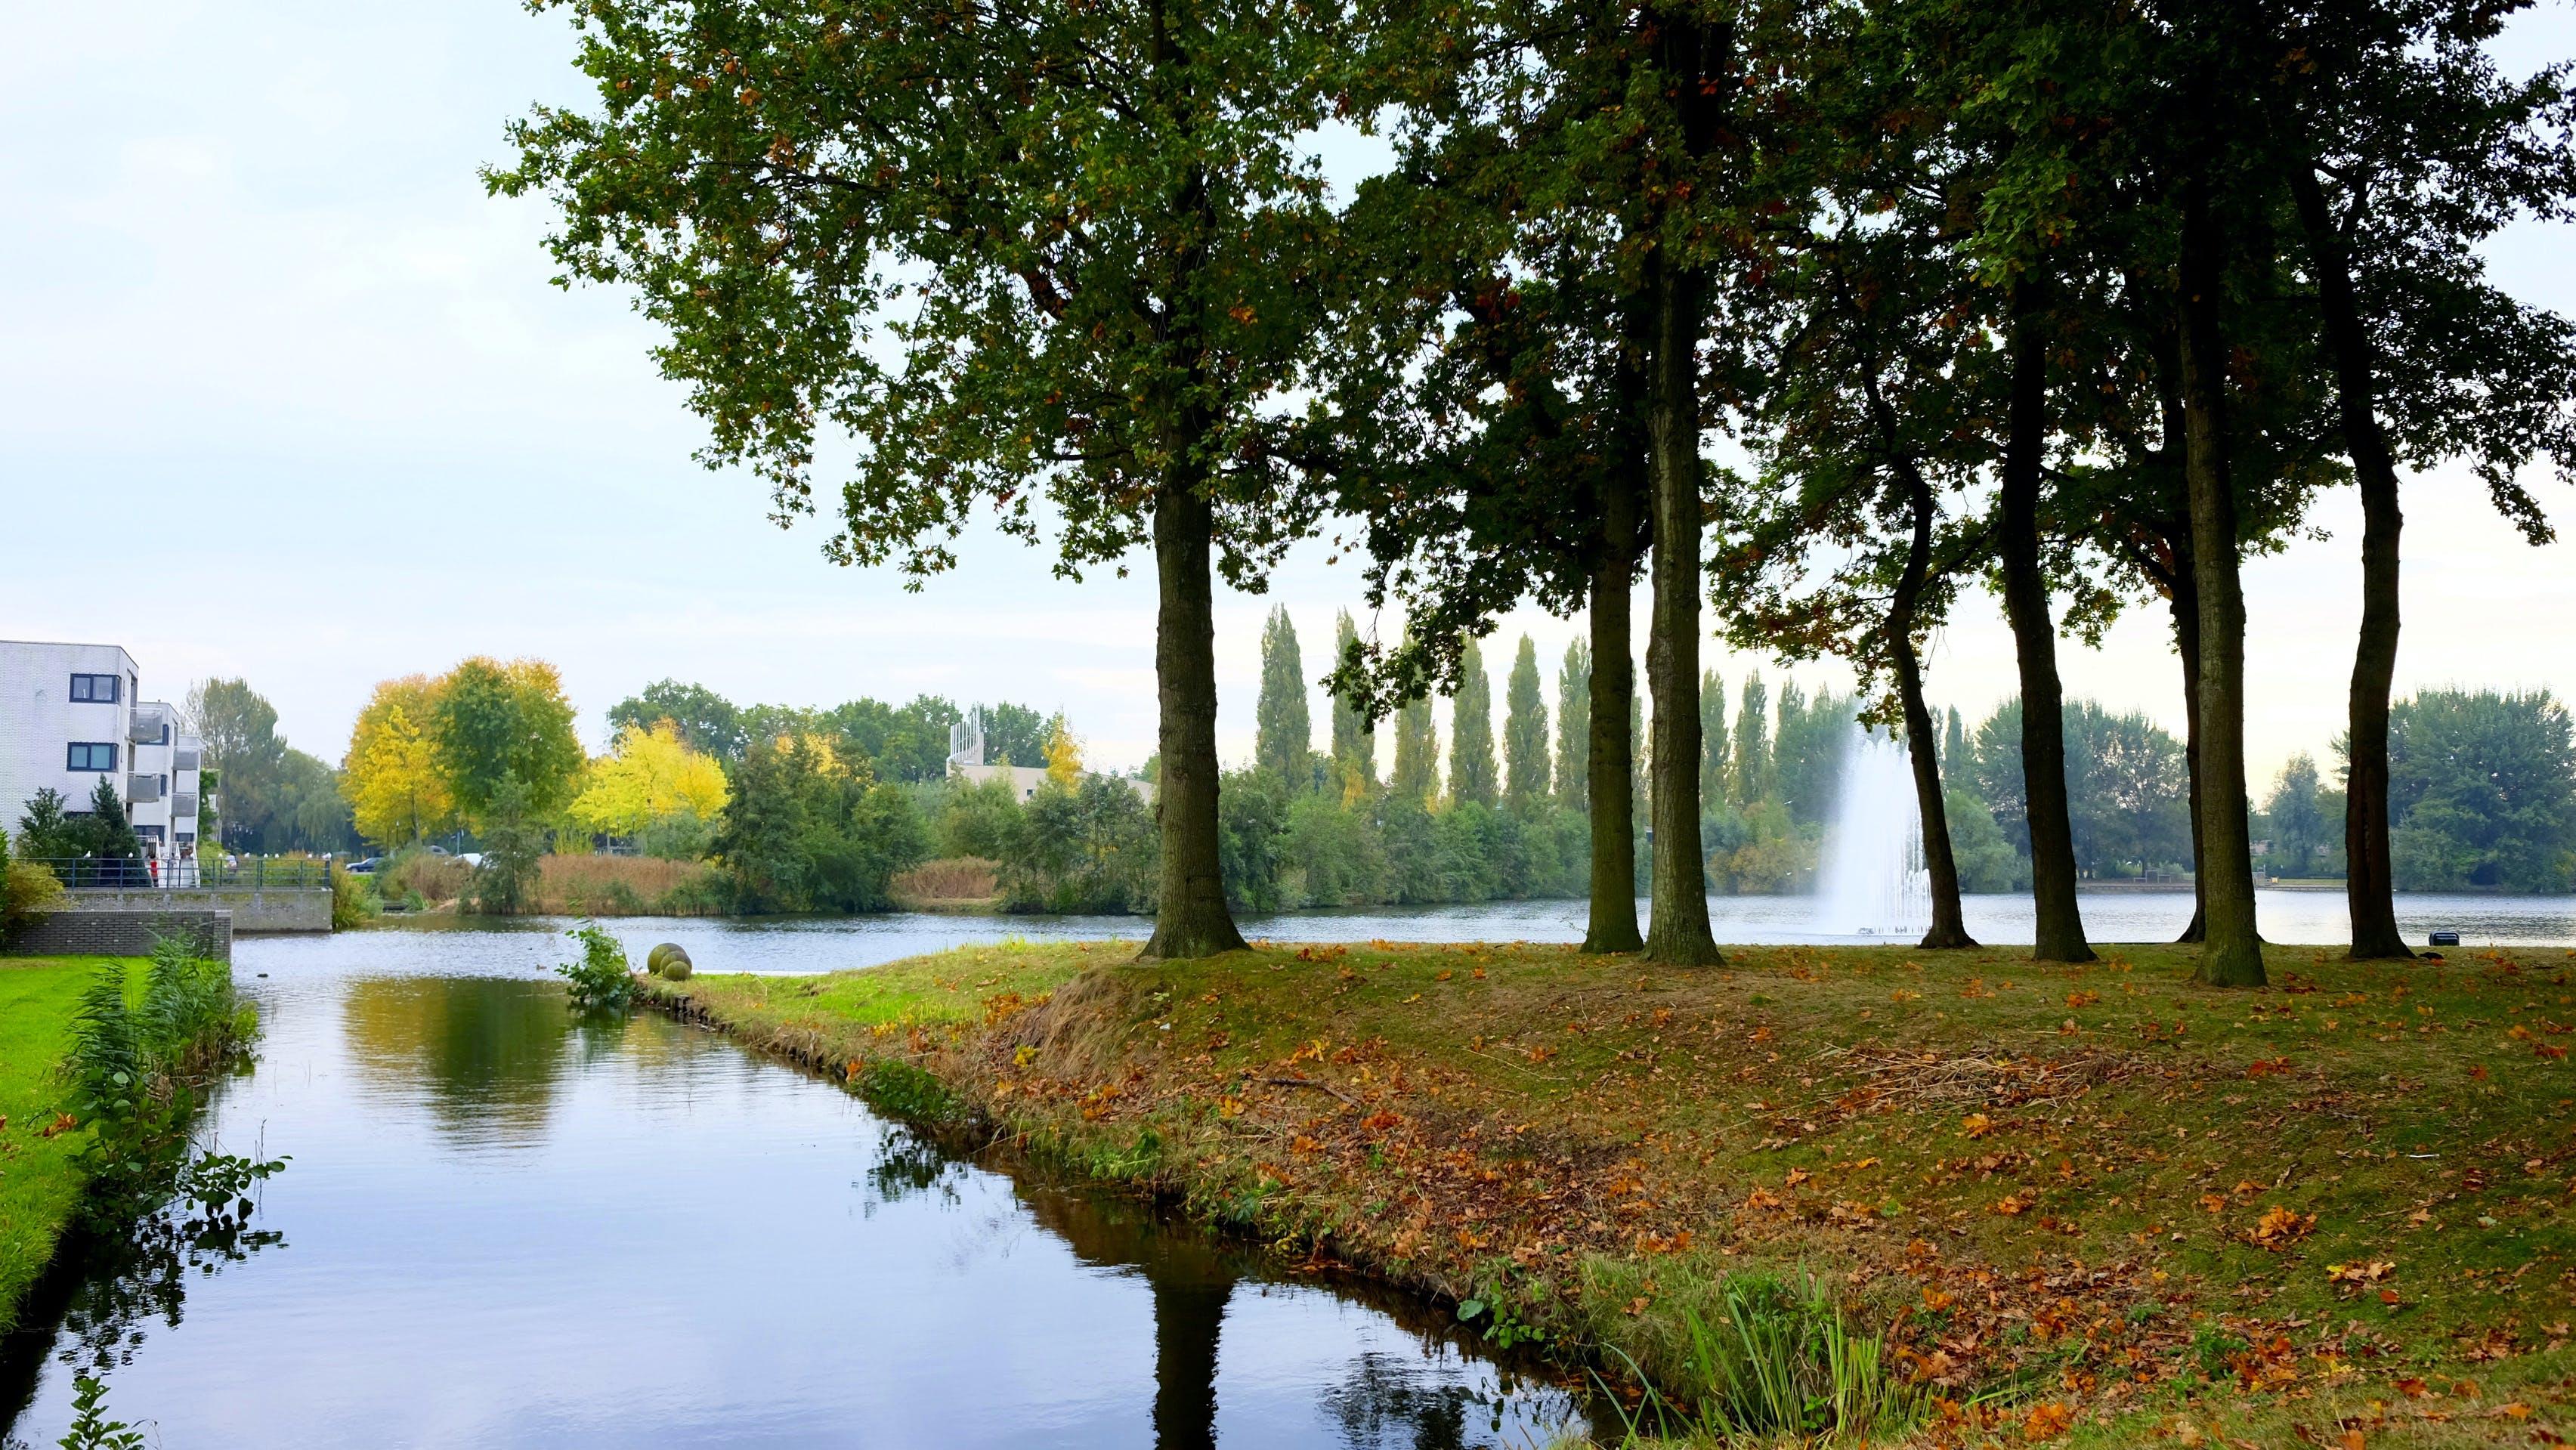 Gratis stockfoto met bomen, gras, h2o, landschap